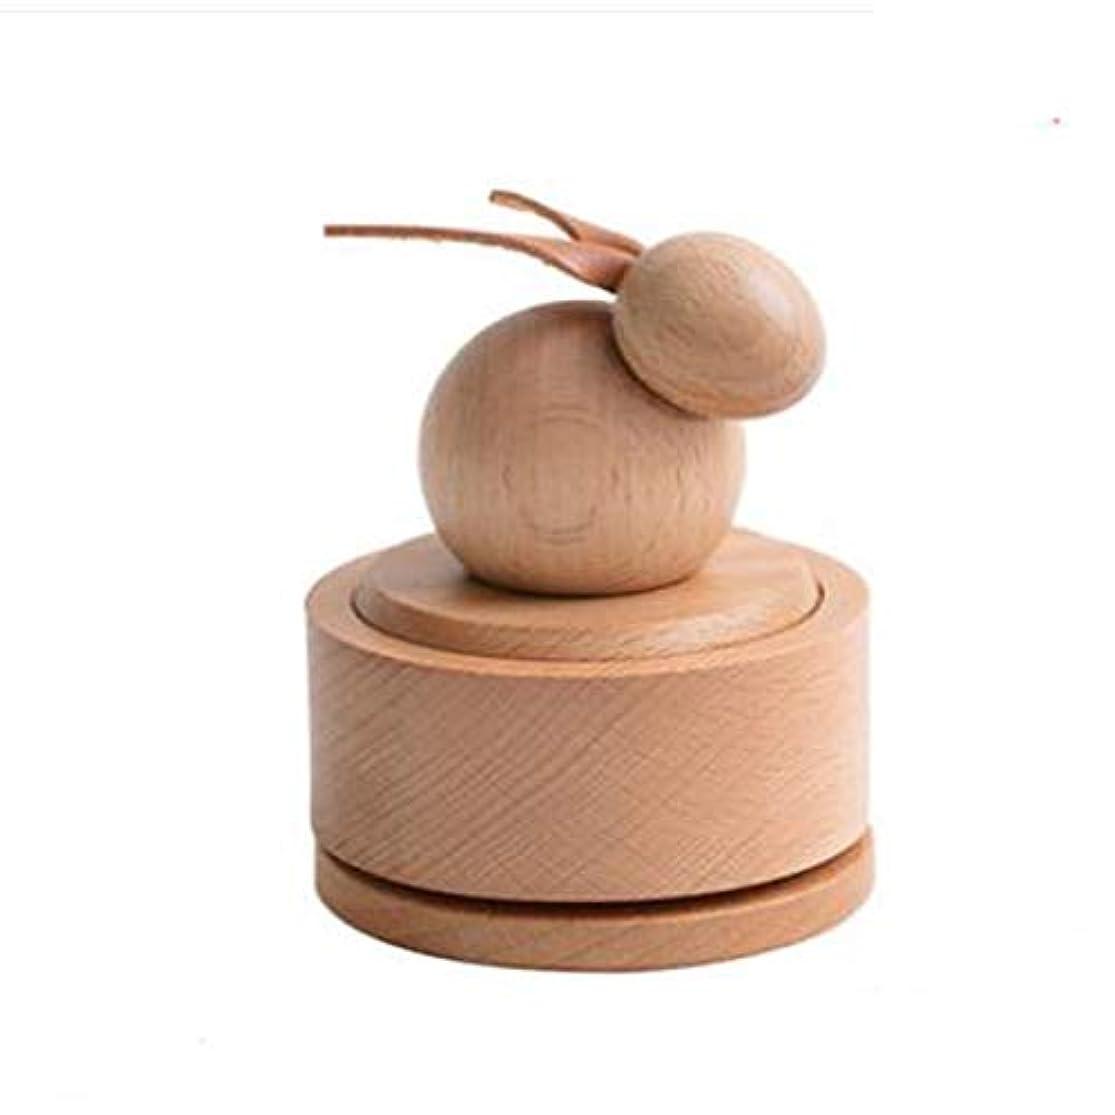 乏しい卵十分Kaiyitong01 ギフト豚オルゴールスカイシティオルゴール木製回転クリエイティブ送信女の子カップル誕生日ギフト,絶妙なファッション (Style : Rabbit)